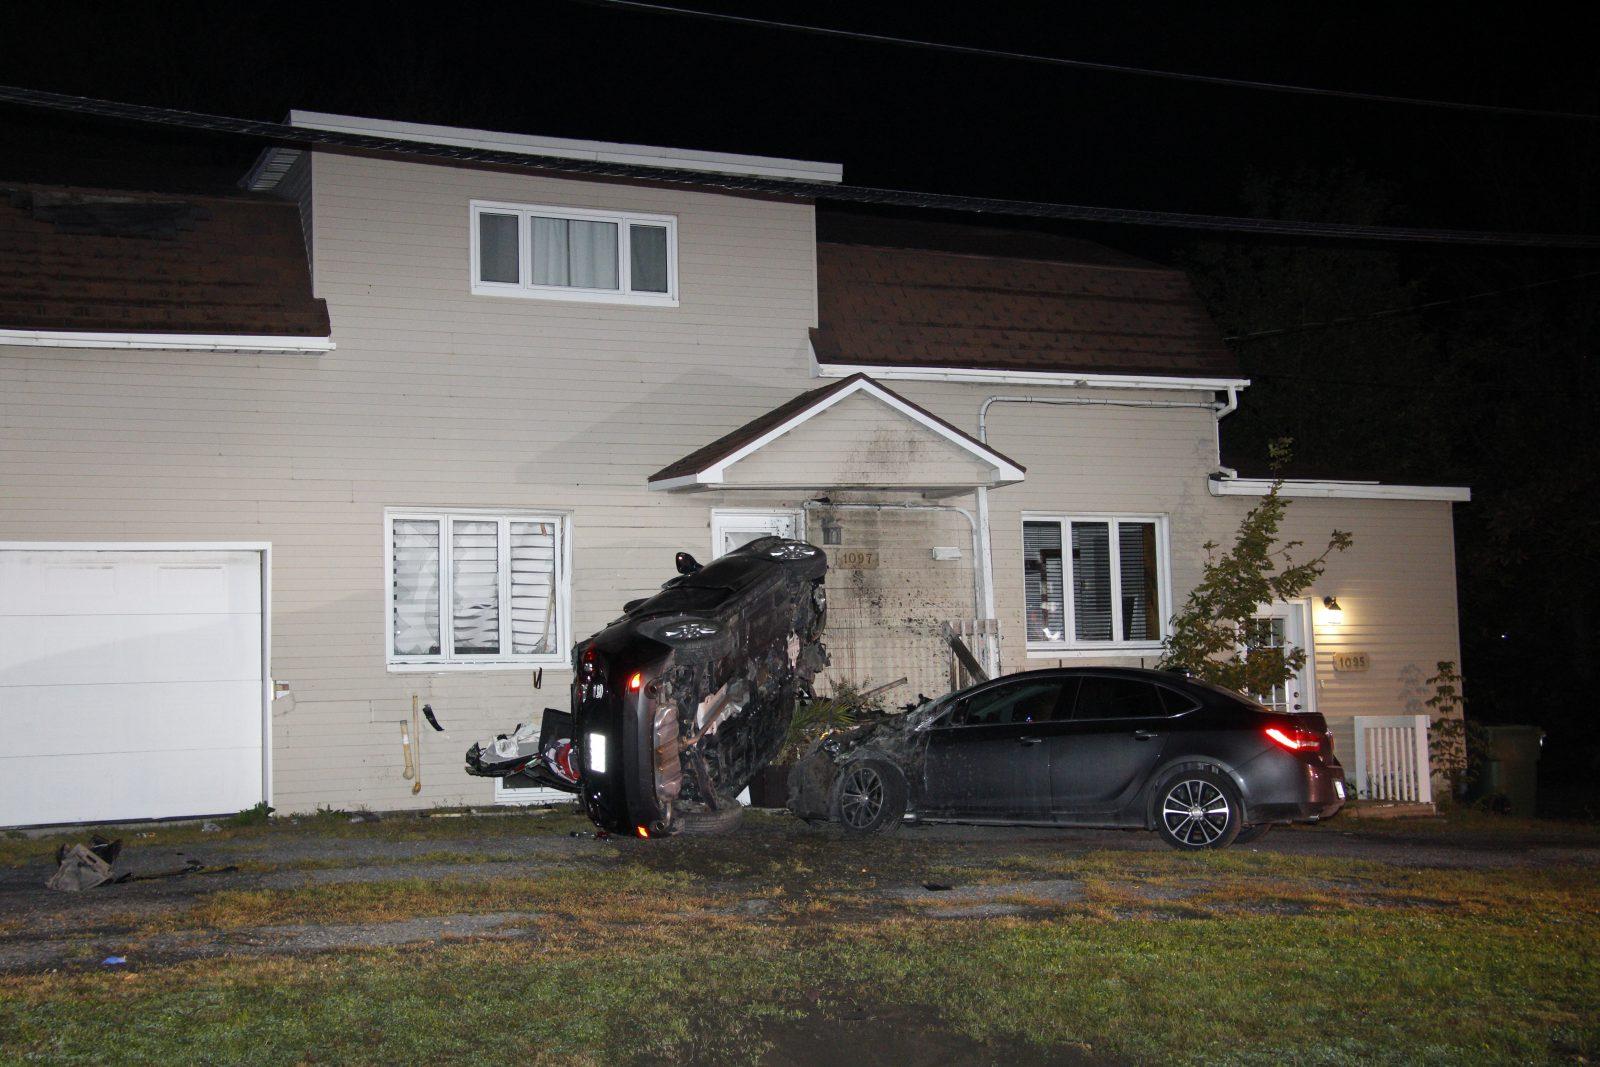 Une voiture percute une résidence de plein fouet